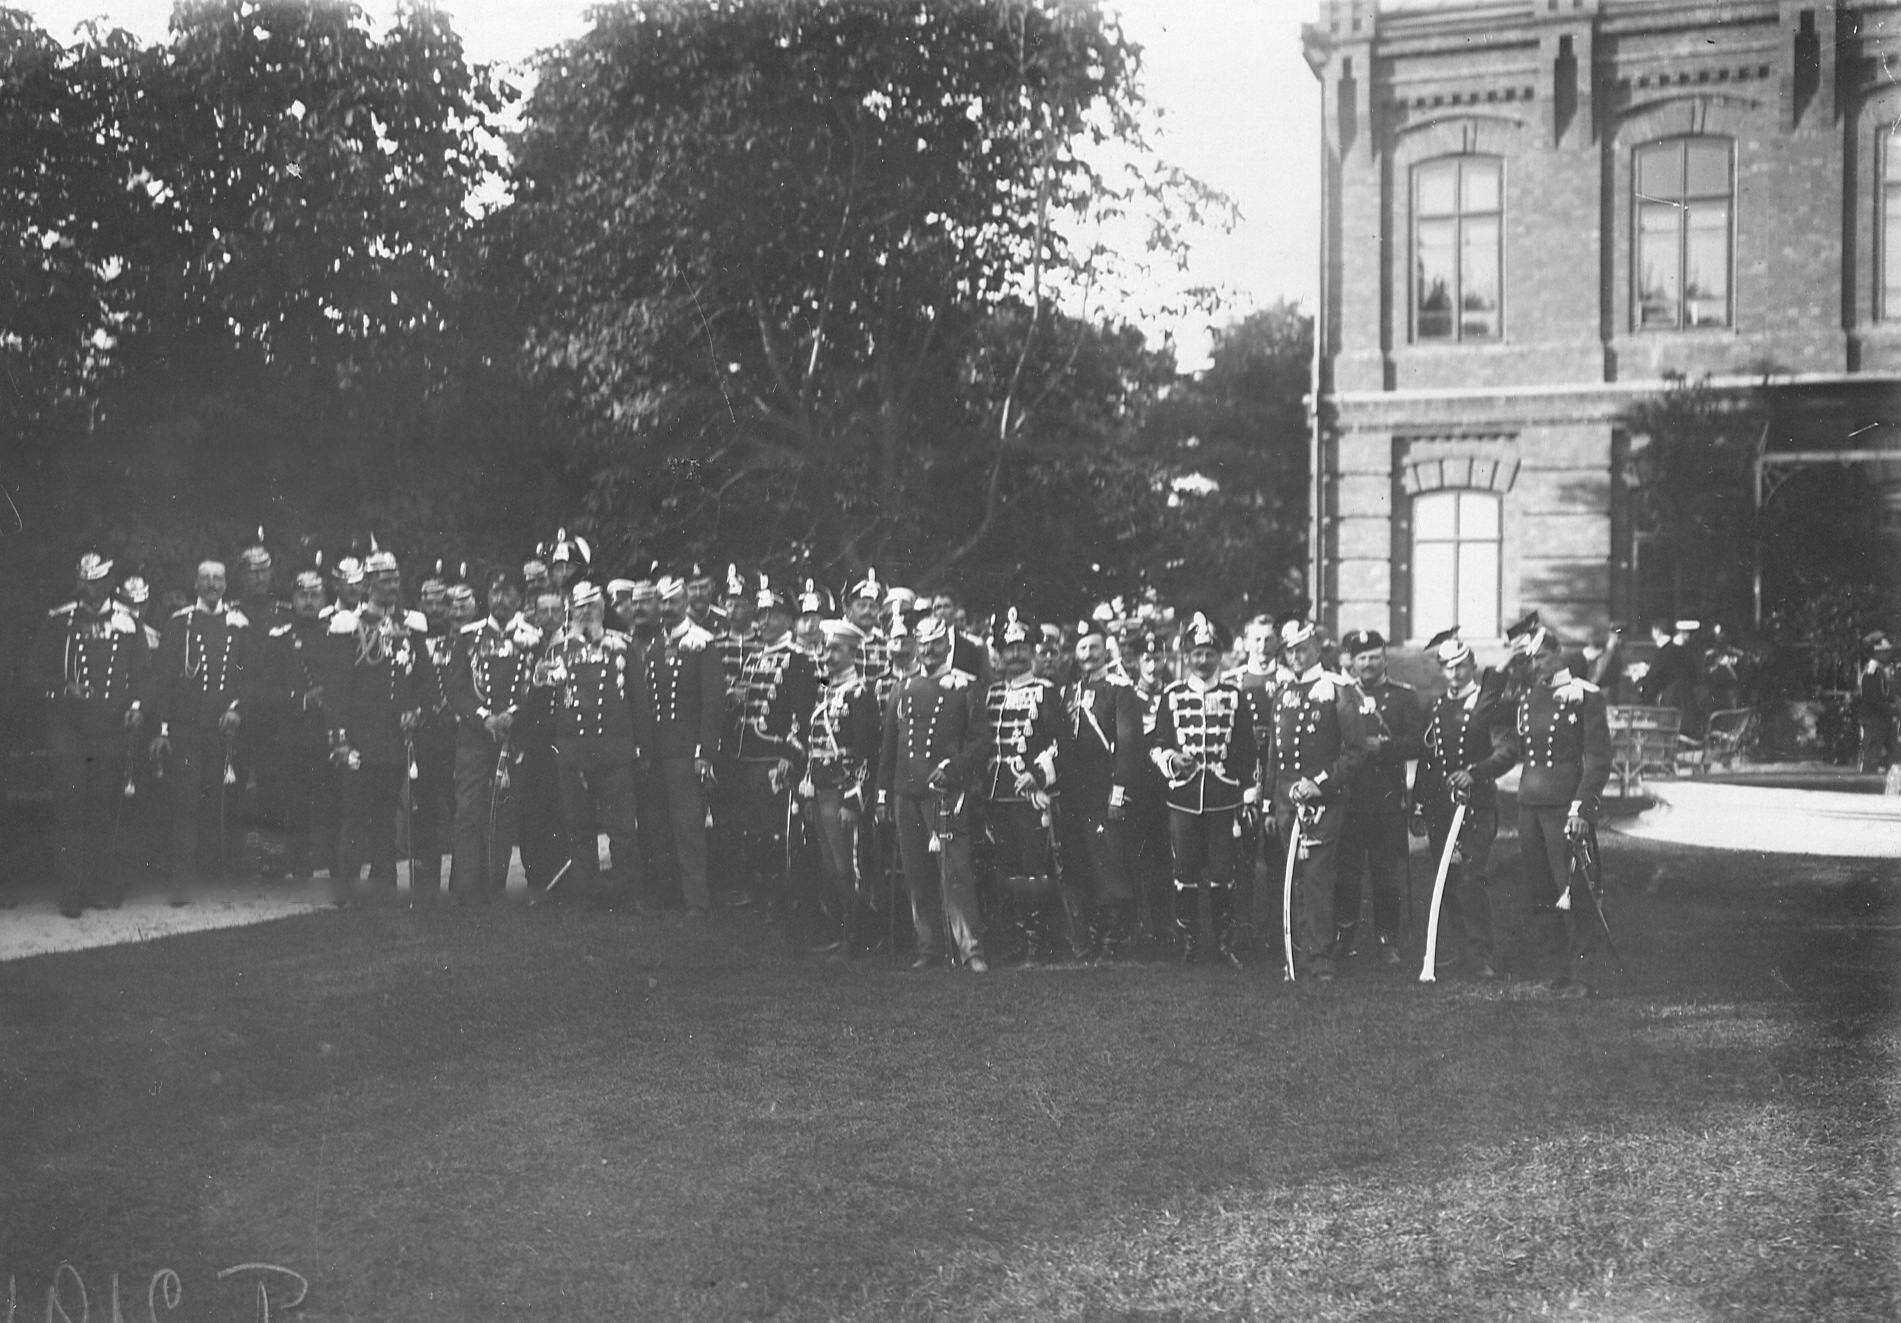 Делегации от прусских уланских и гусарских полков, прибывшие на празднование 250-летнего юбилея полка